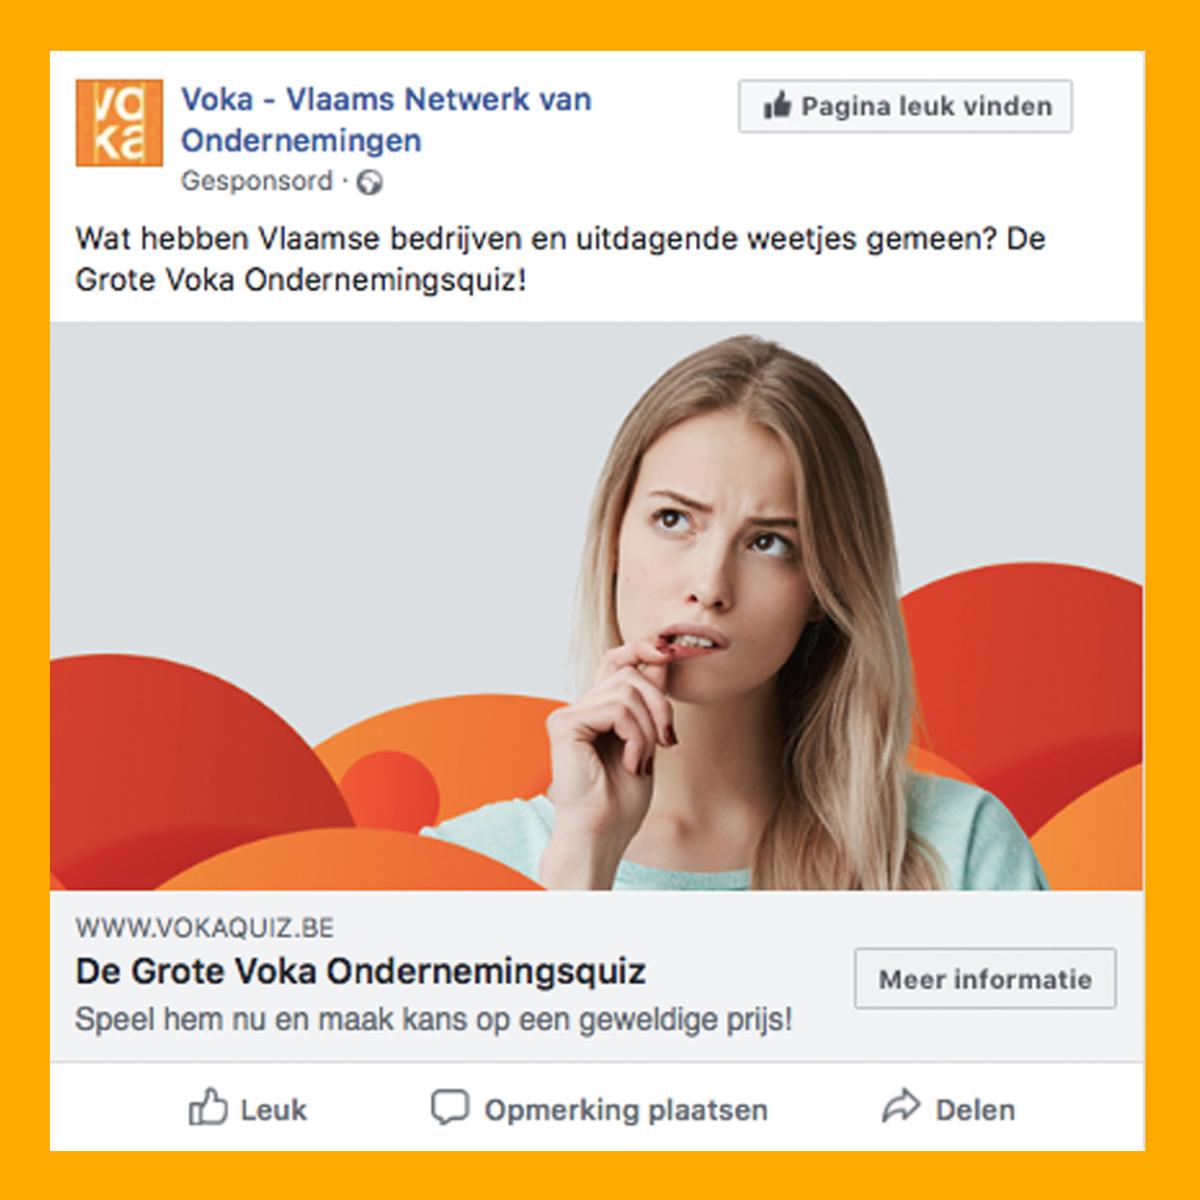 VOKA_QUIZ_4